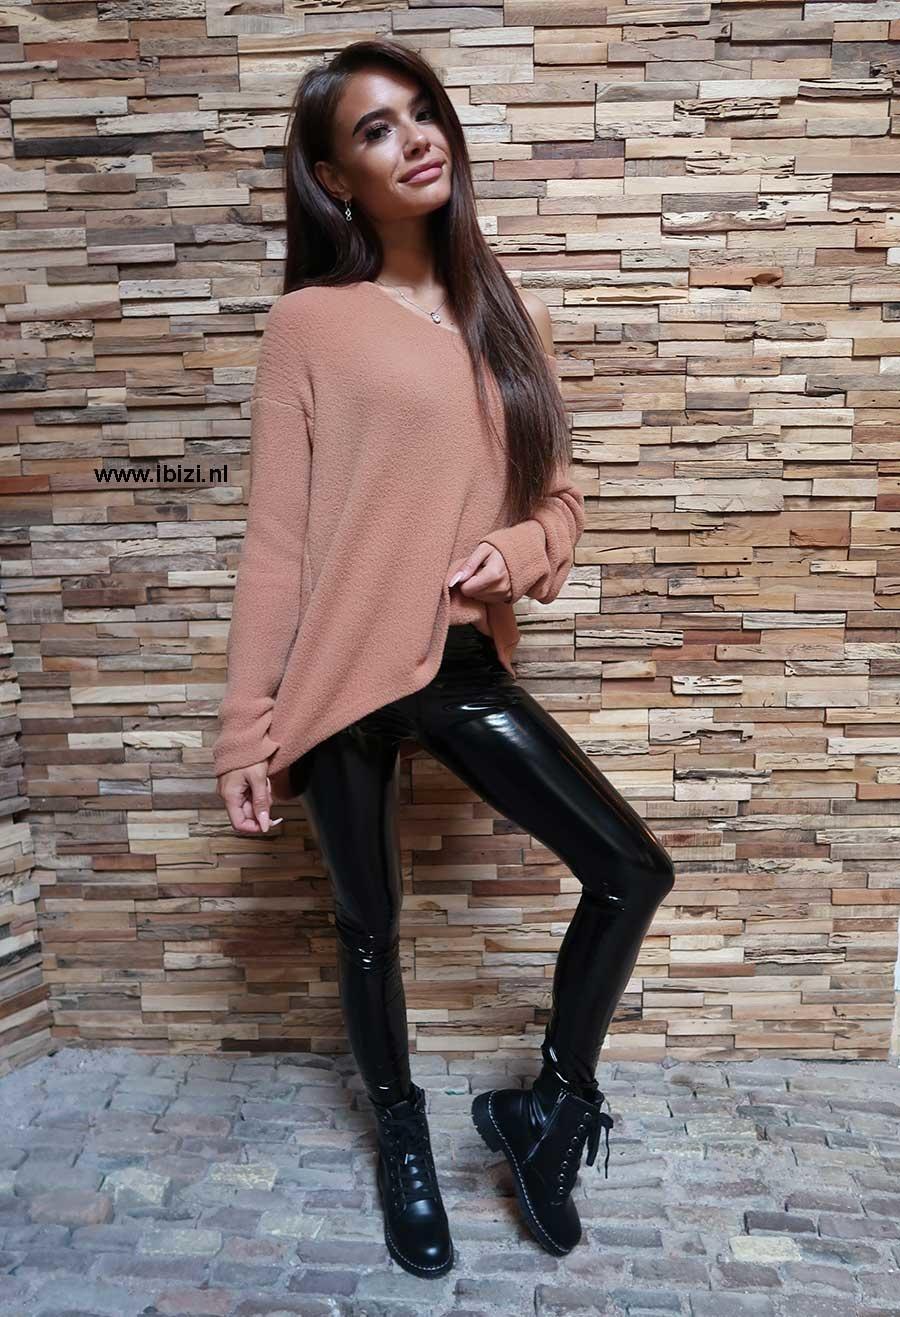 Lak Broek Dames Zwart - Outfit